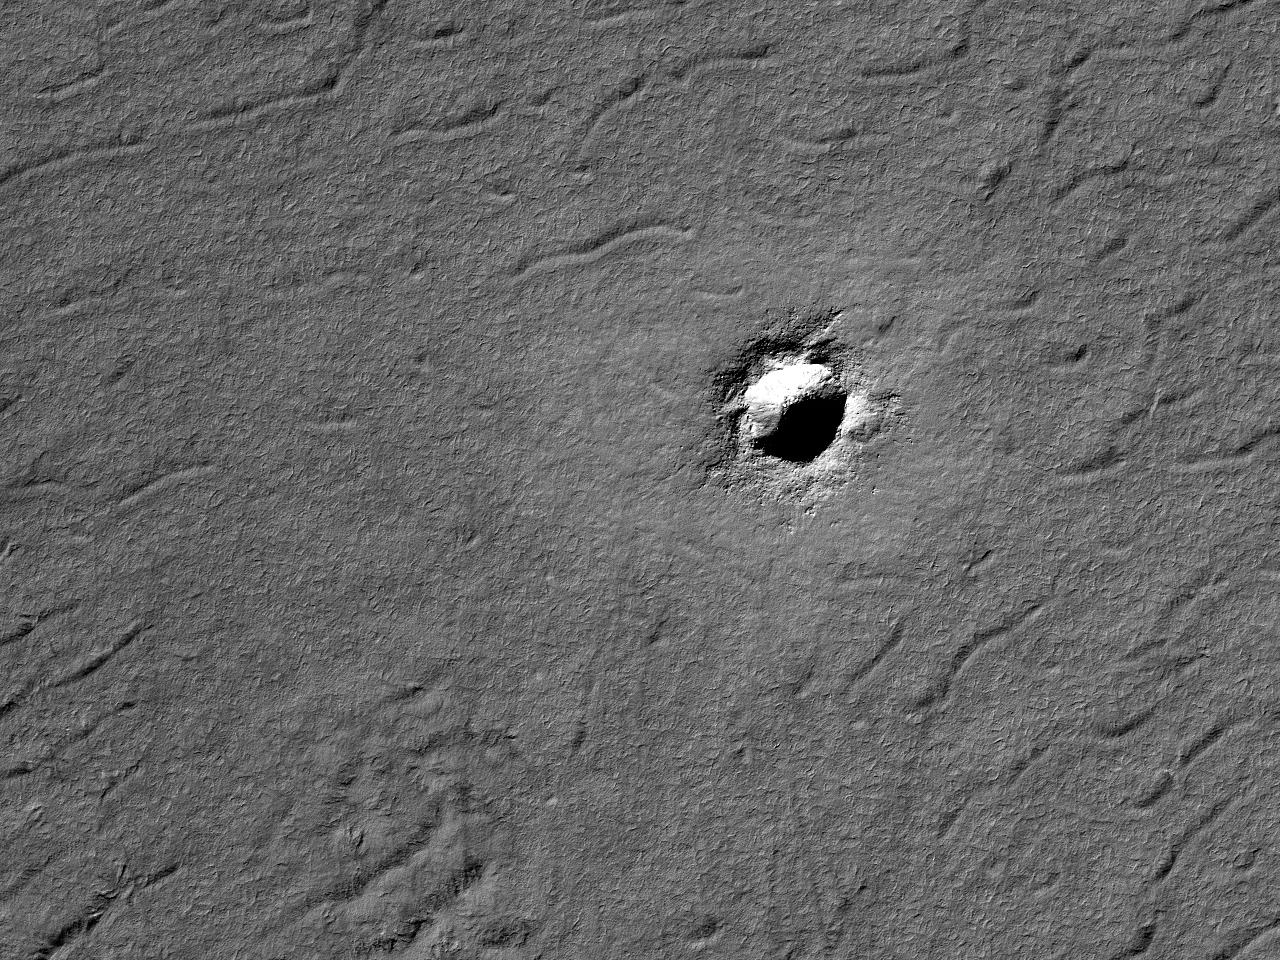 Et krater i terrenget ved South Pole